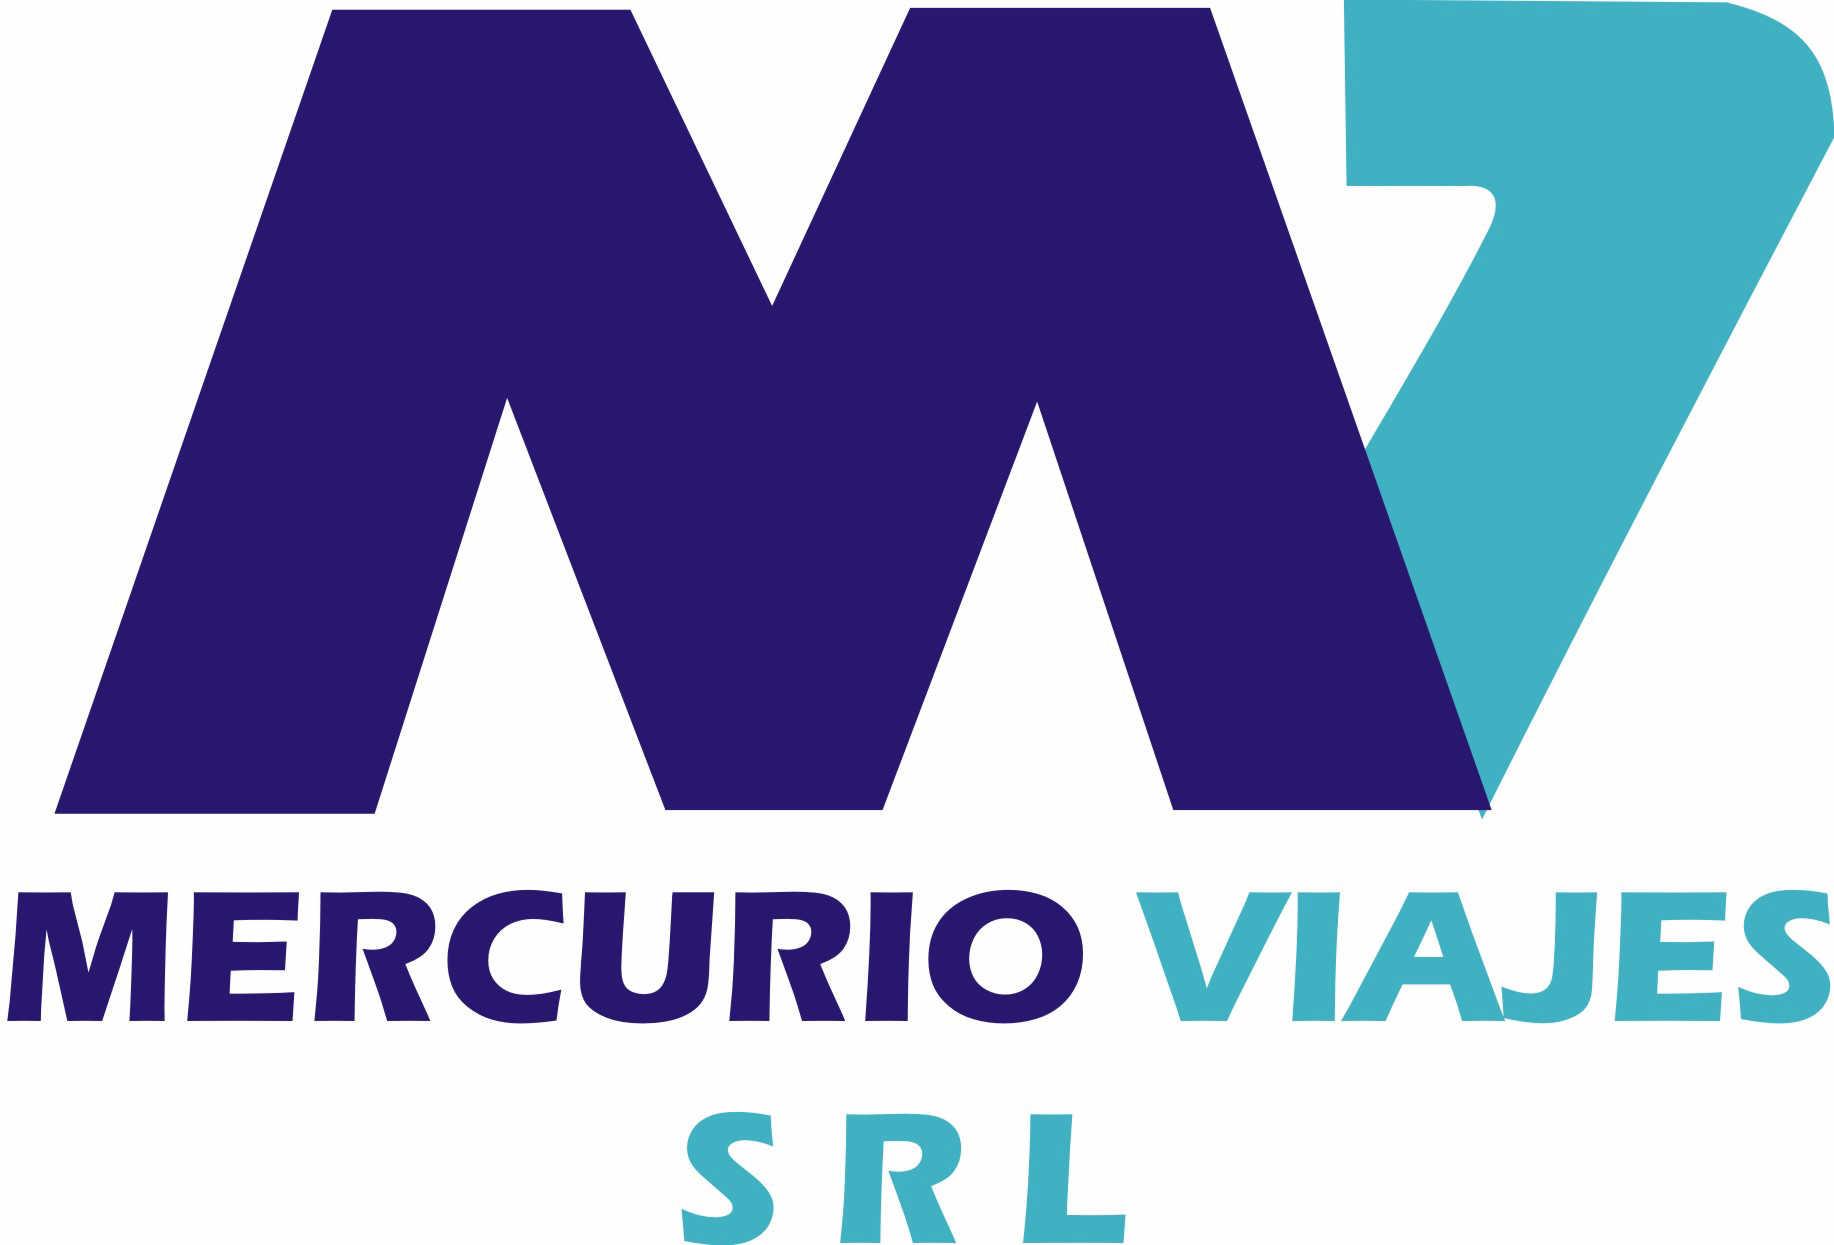 LOGO MERCURIO,BAJA